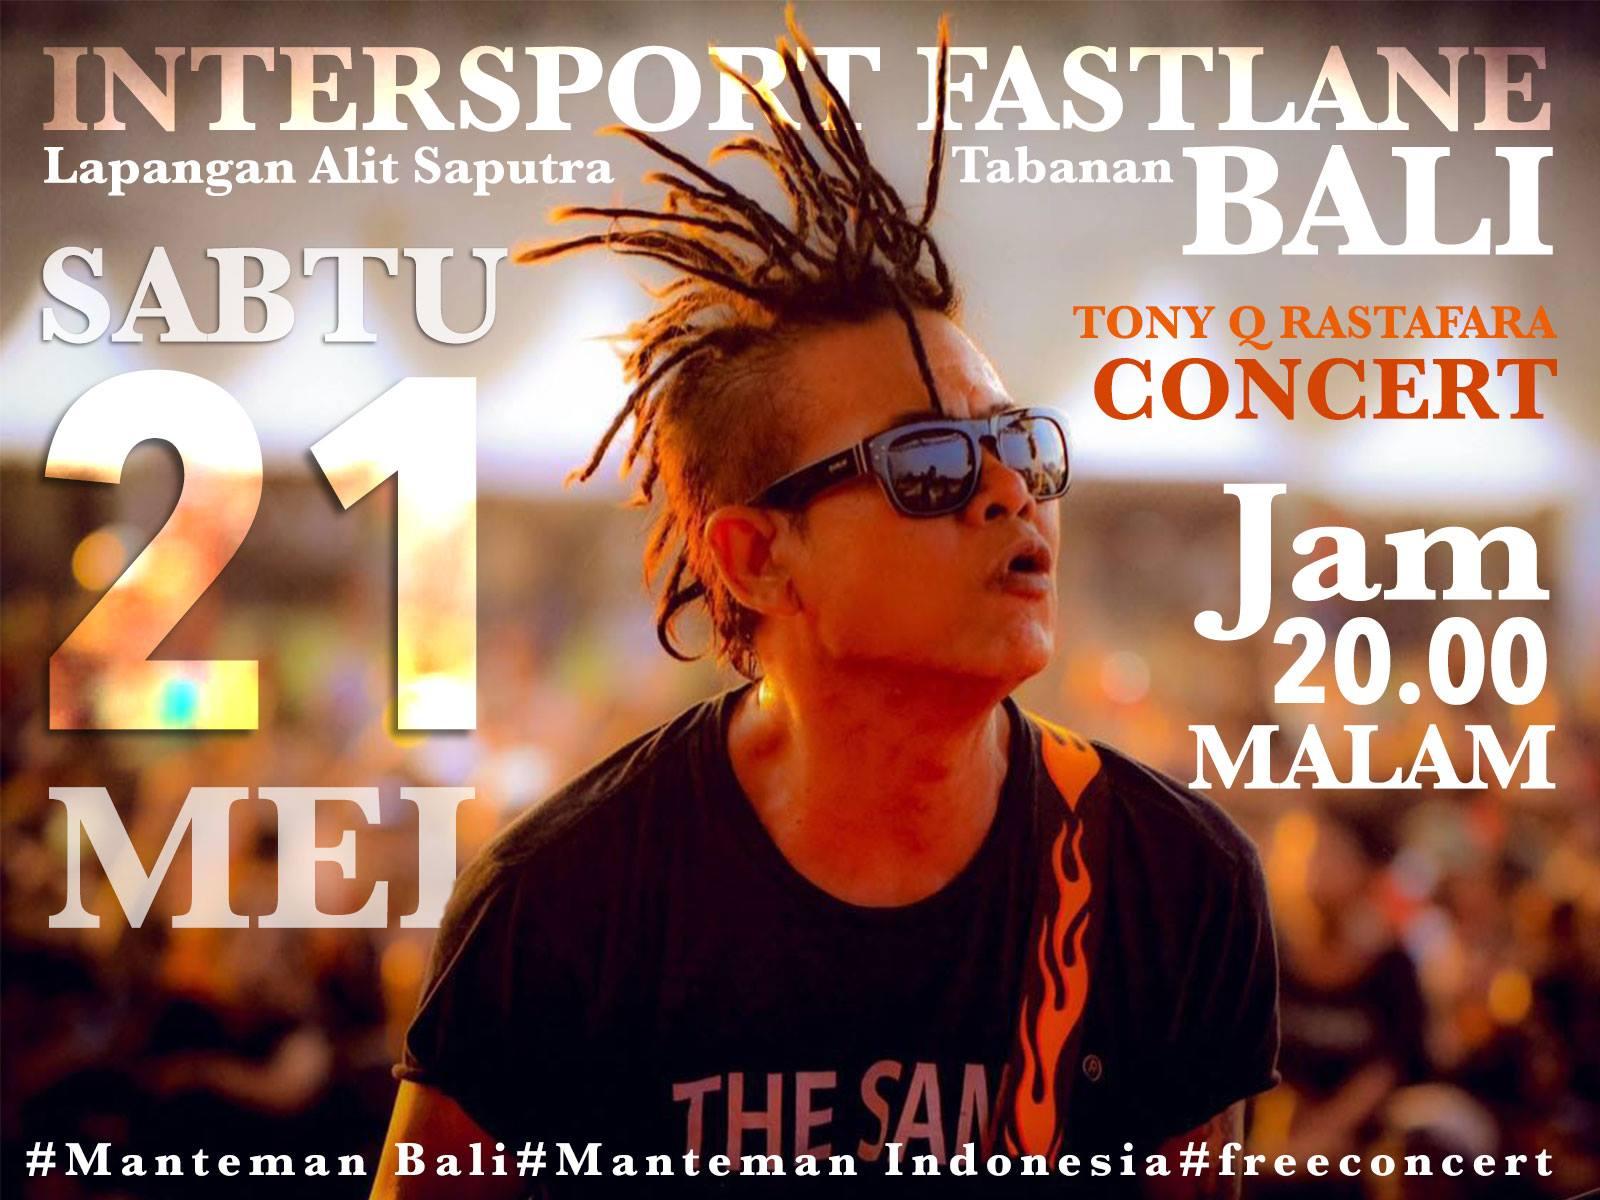 Tony Q Rastafara - Bali 21 Mei 2016